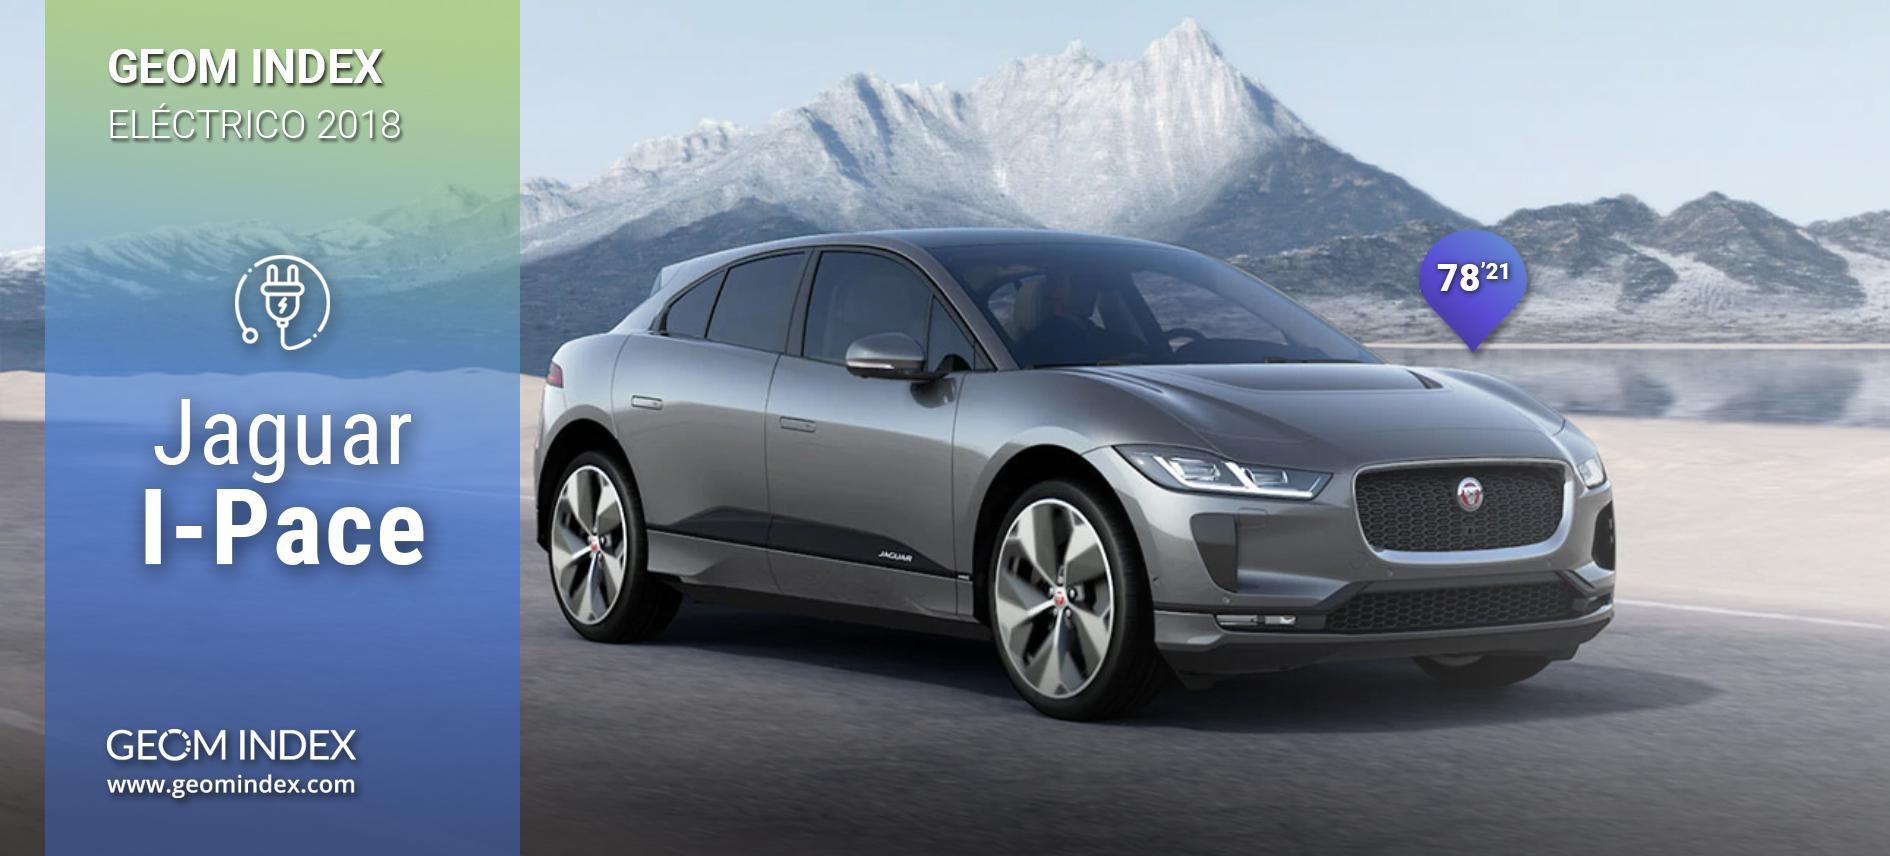 El Jaguar I-Pace se convierte en el eléctrico más valorado por los internautas en el último año